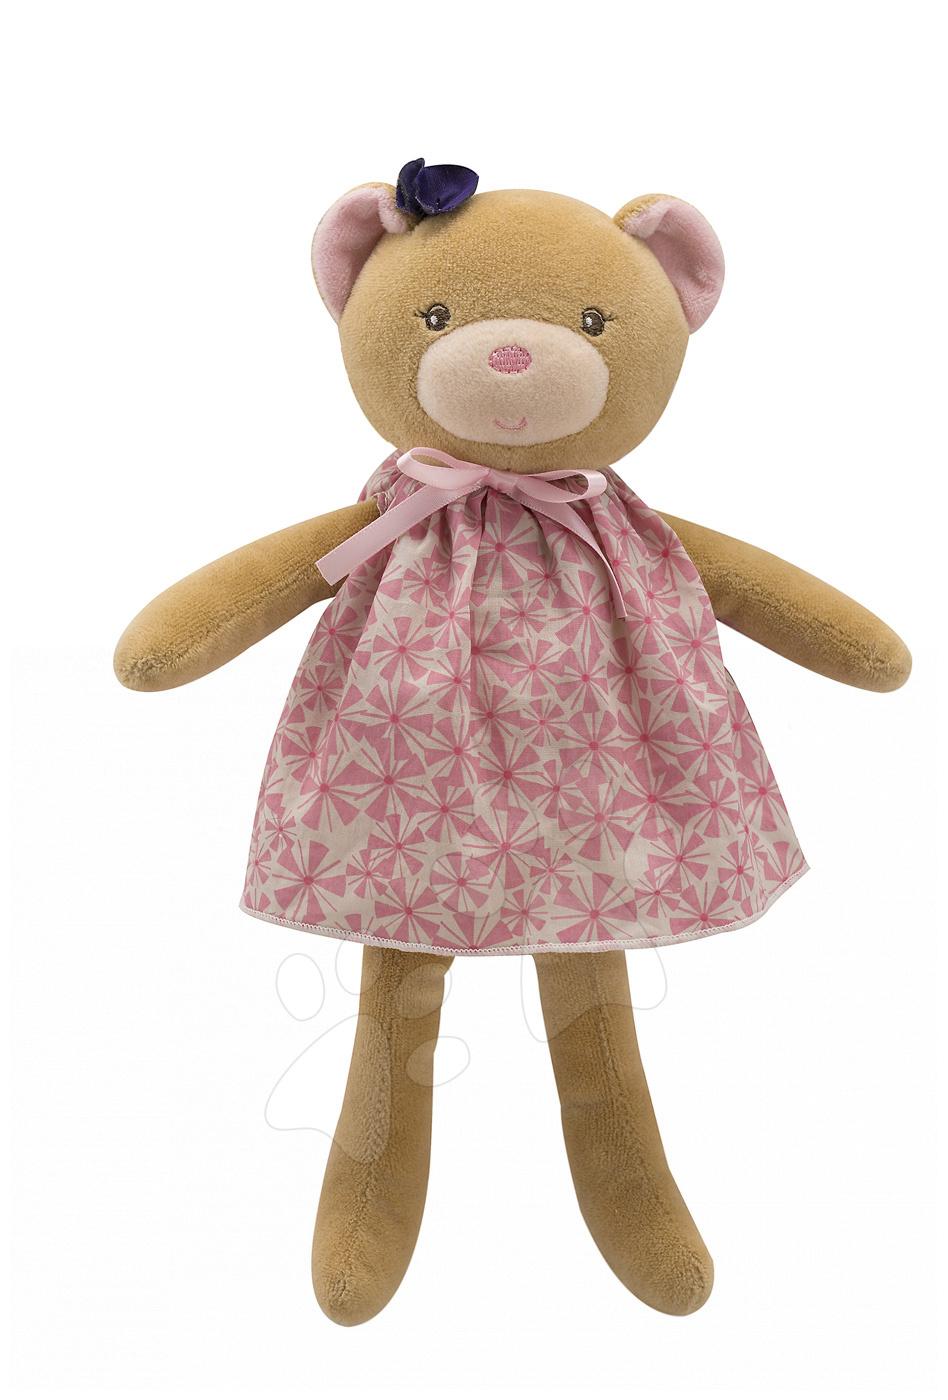 Handrové bábiky - Plyšový medvedík bábika Petite Rose-Bear Doll Kaloo 28 cm v darčekovom balení pre najmenších